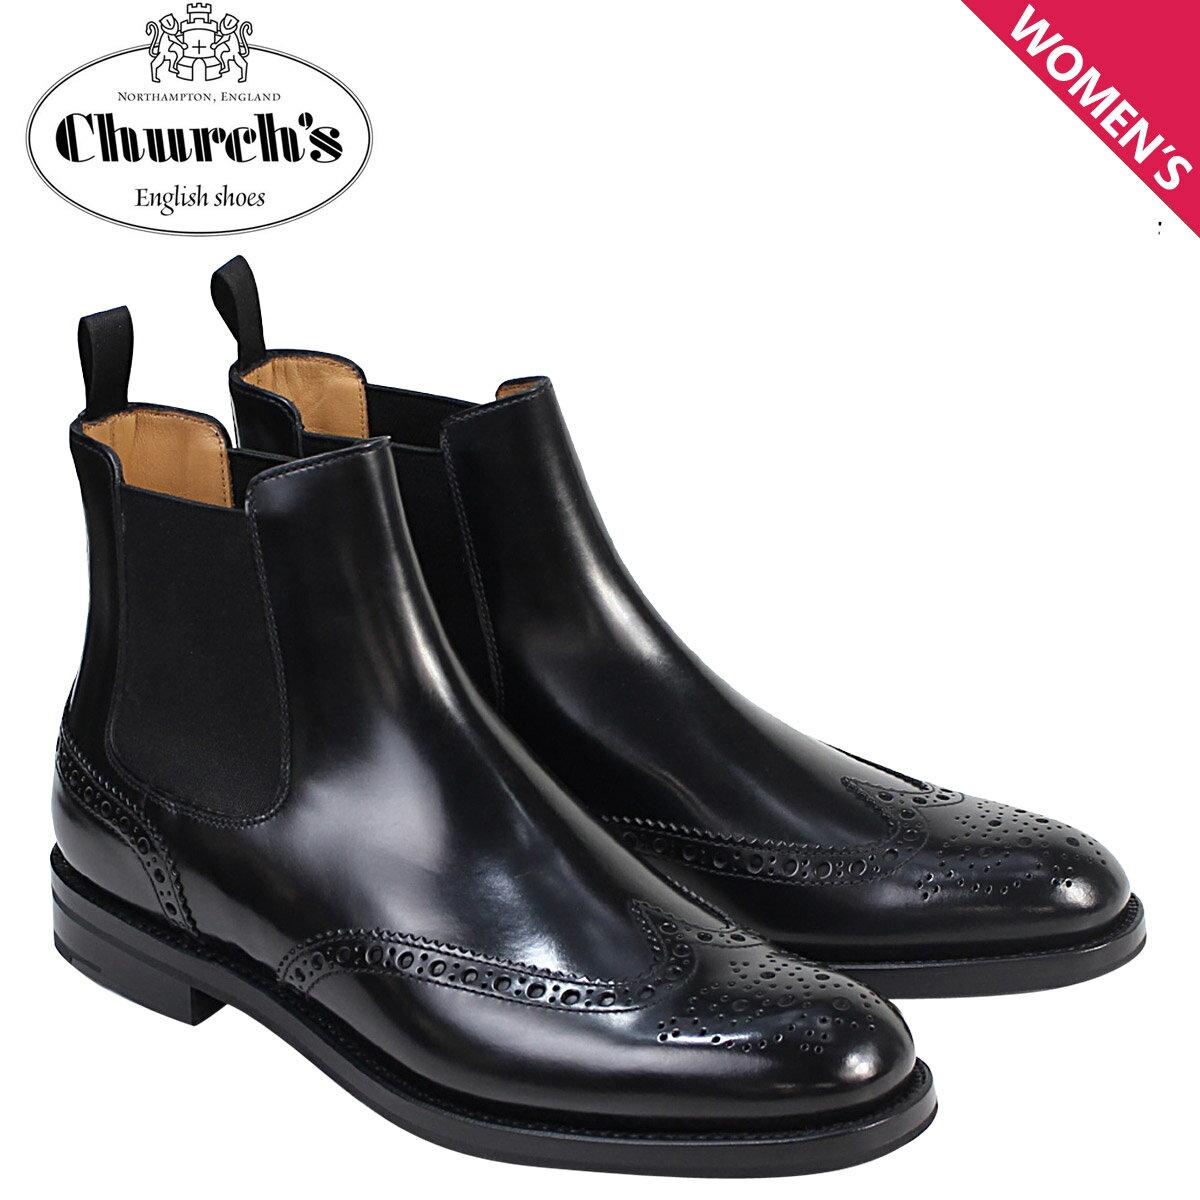 Churchs 靴 レディース チャーチ ブーツ サイドゴア ショートブーツ ウイングチップ Ketsby WG Polish Binder Calf 8706 DT0001 ブラック [12/21 再入荷]